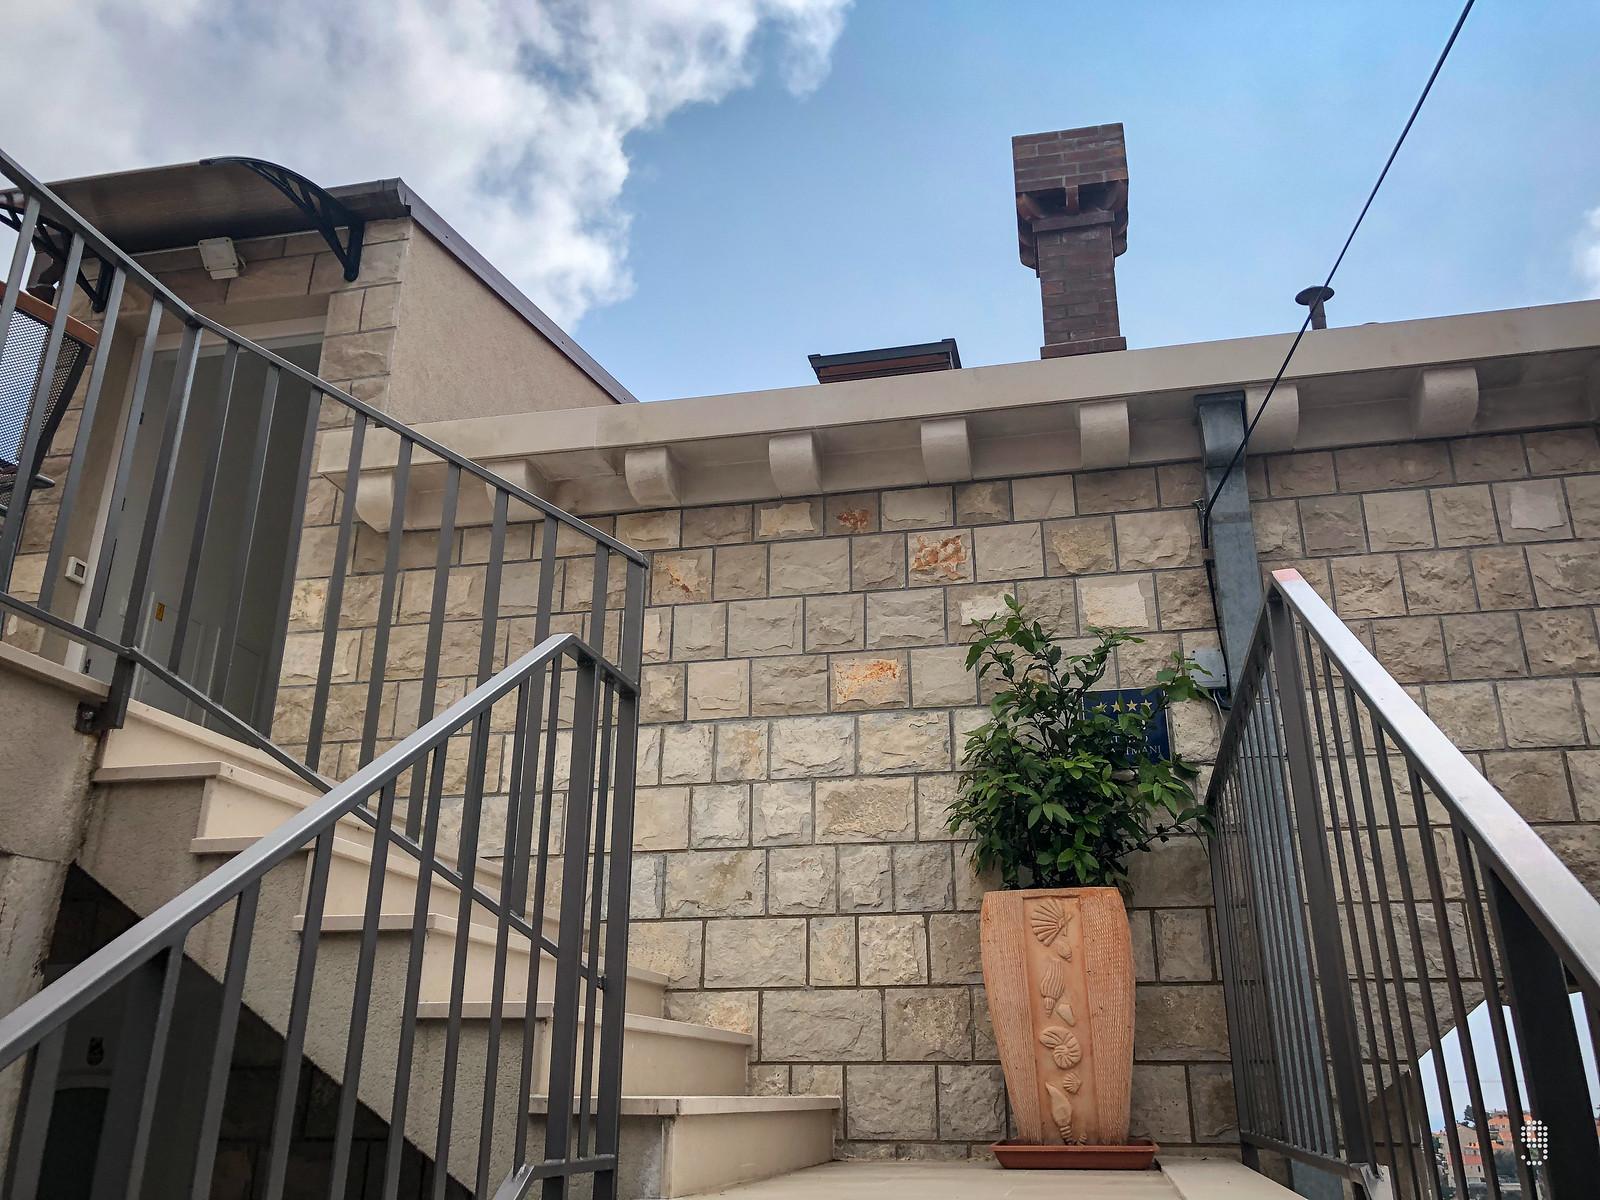 獨立樓梯連接了房間與大門